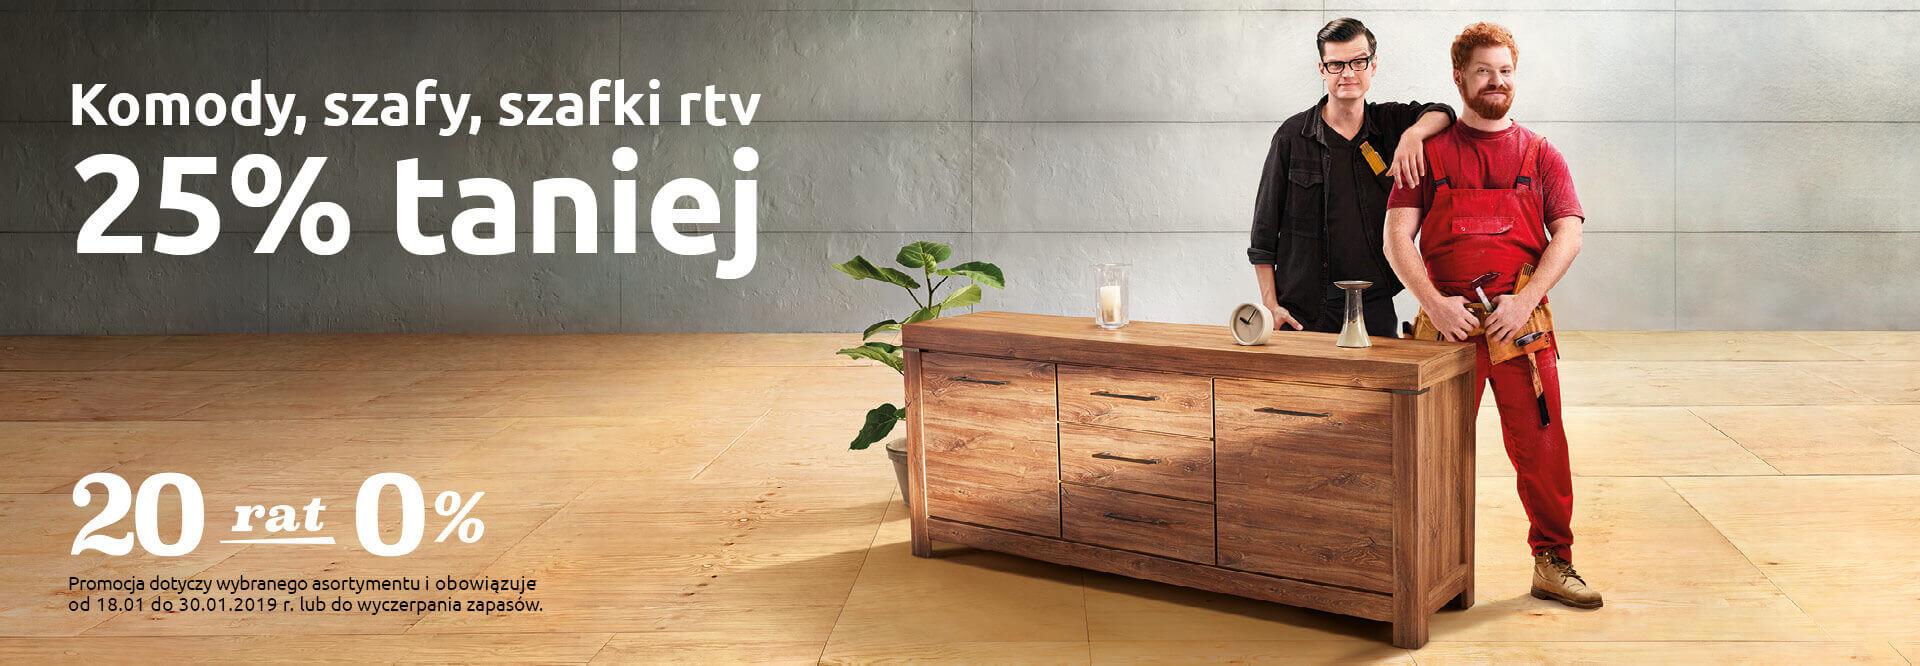 -25% na szafki RTV, komody i szafy + raty 20x0% @ BRW